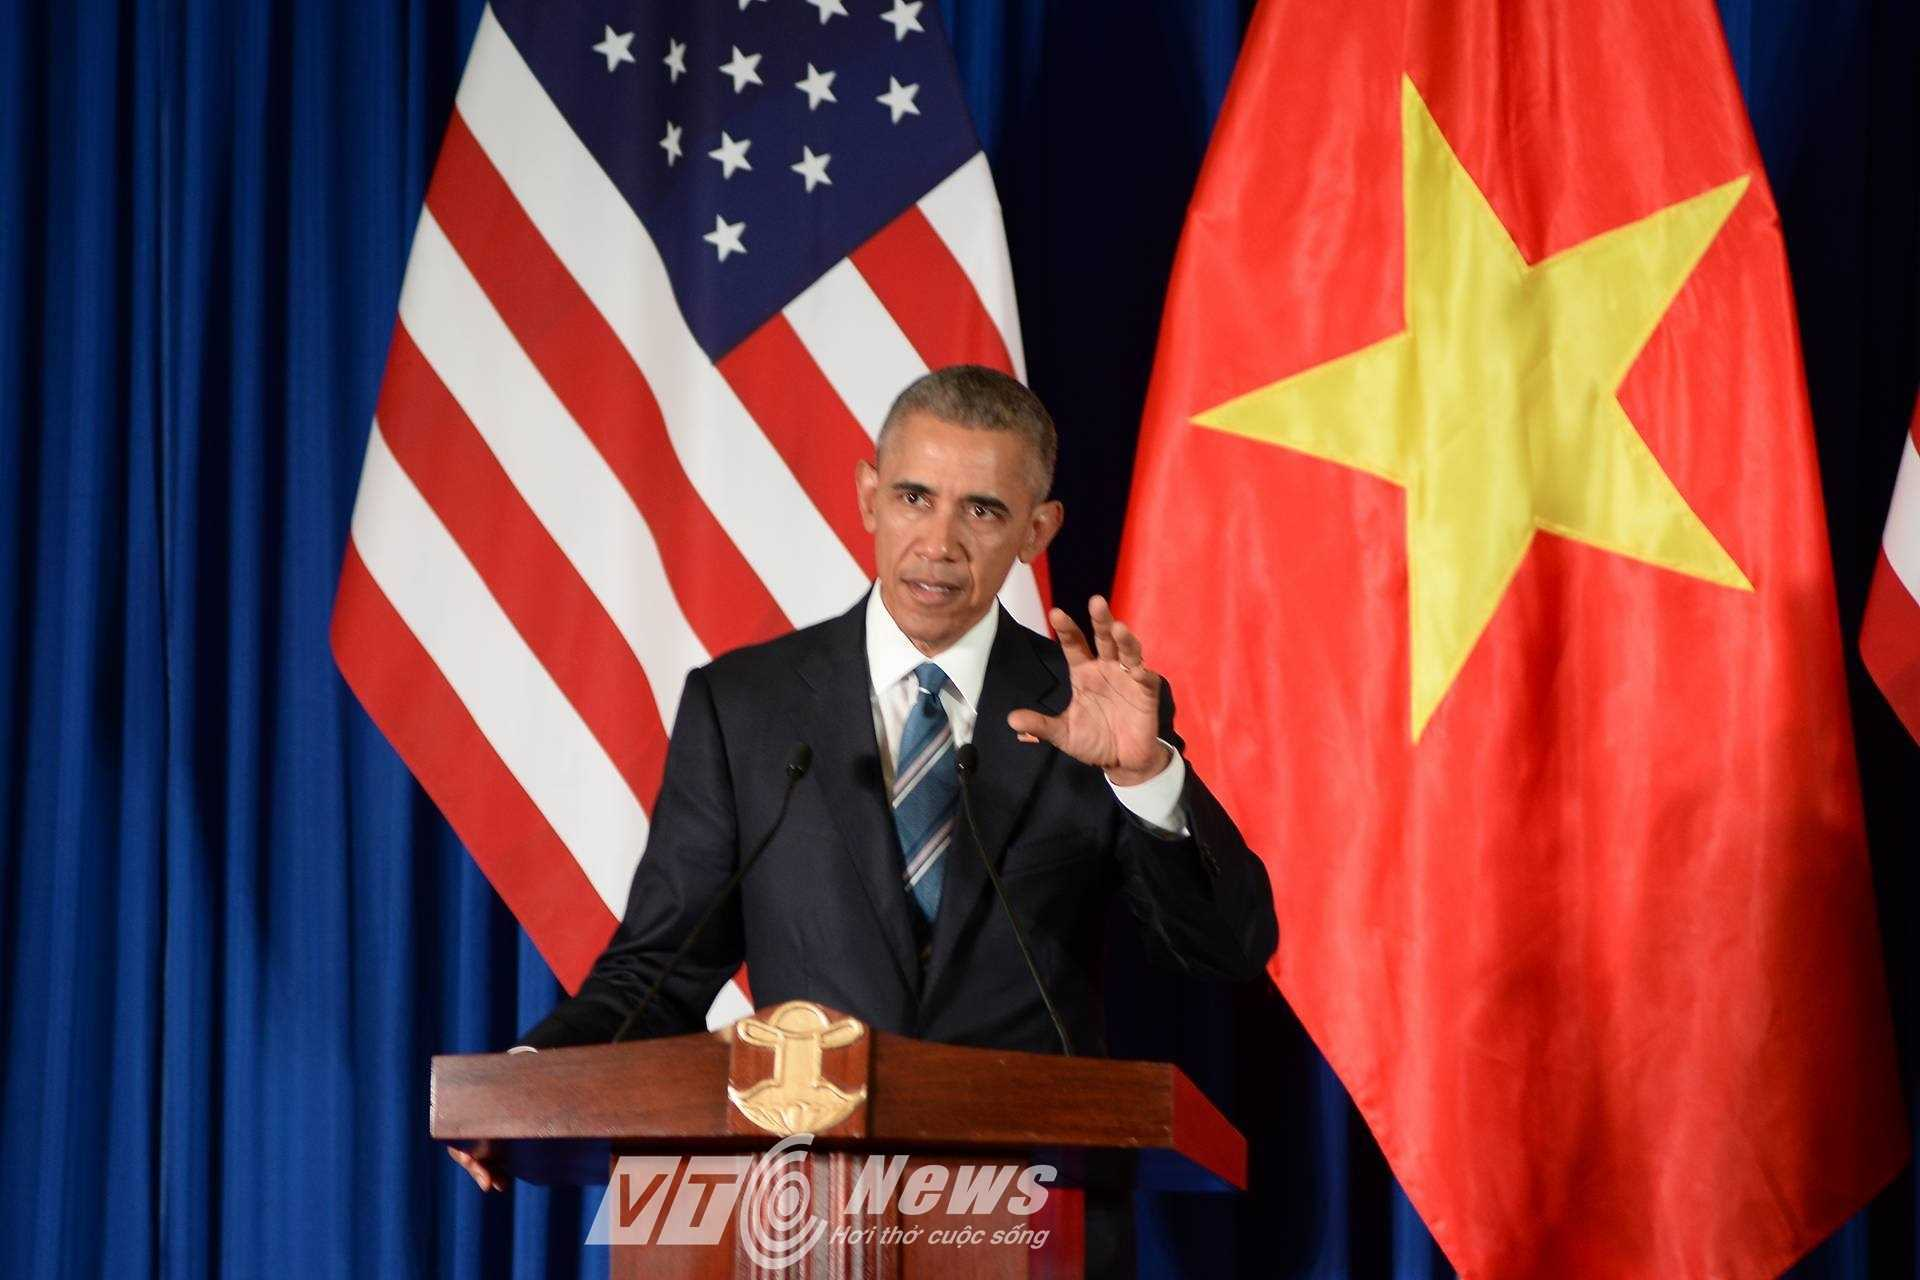 Tại cuộc họp báo, ông Obama thông báo kết quả hội đàm. Chính thức dỡ bỏ hoàn toàn lệnh cấm vận vũ khí với Việt Nam (Ảnh: Tùng Đinh).